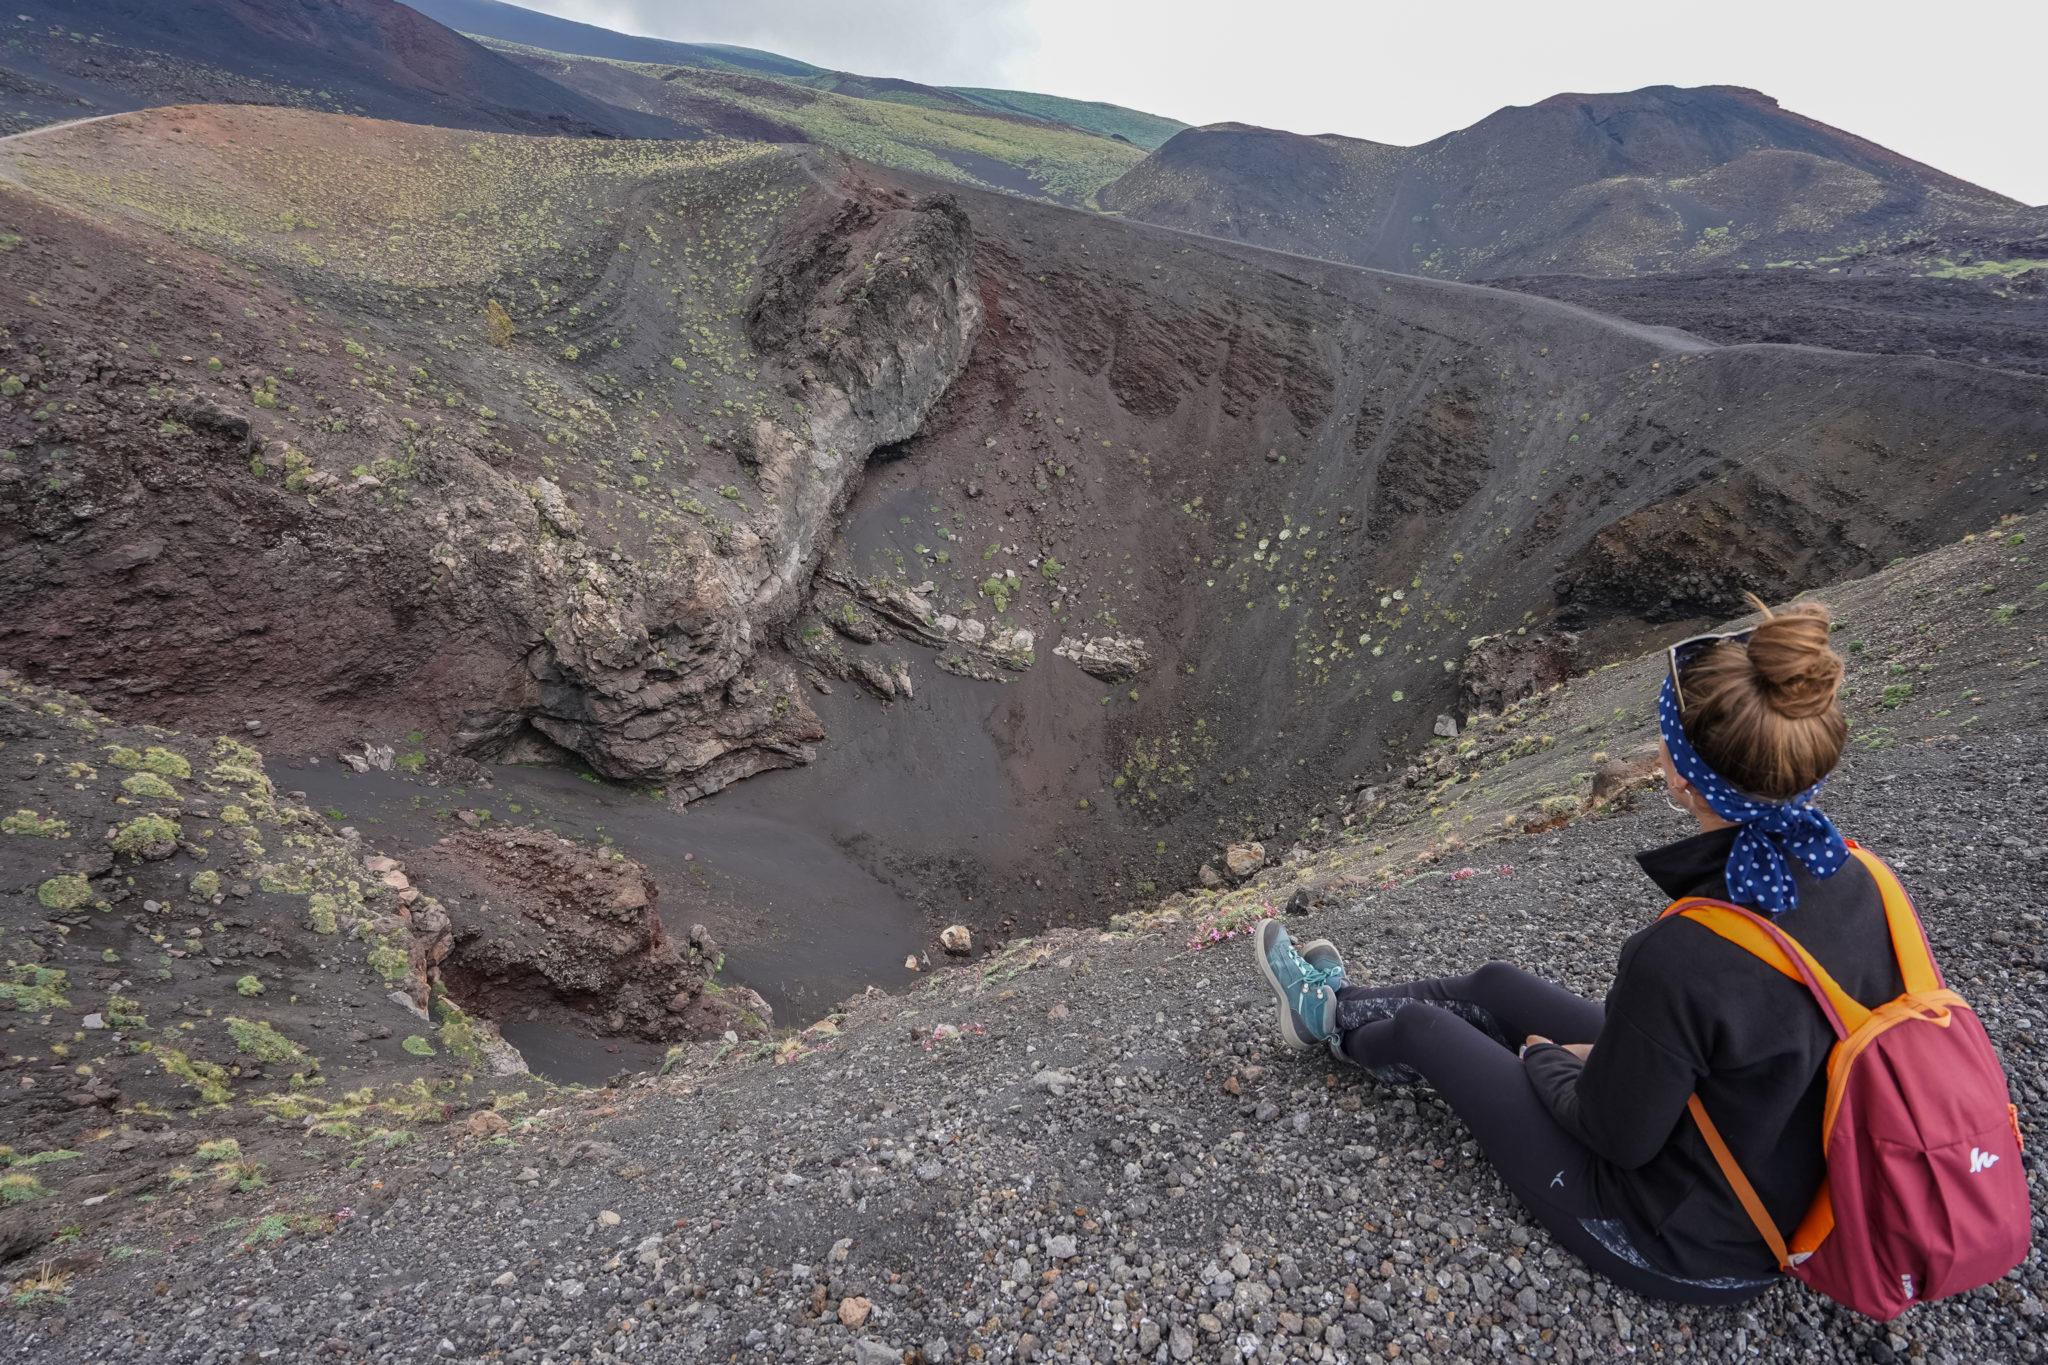 cratère-volcan-etna-sicile-excursion